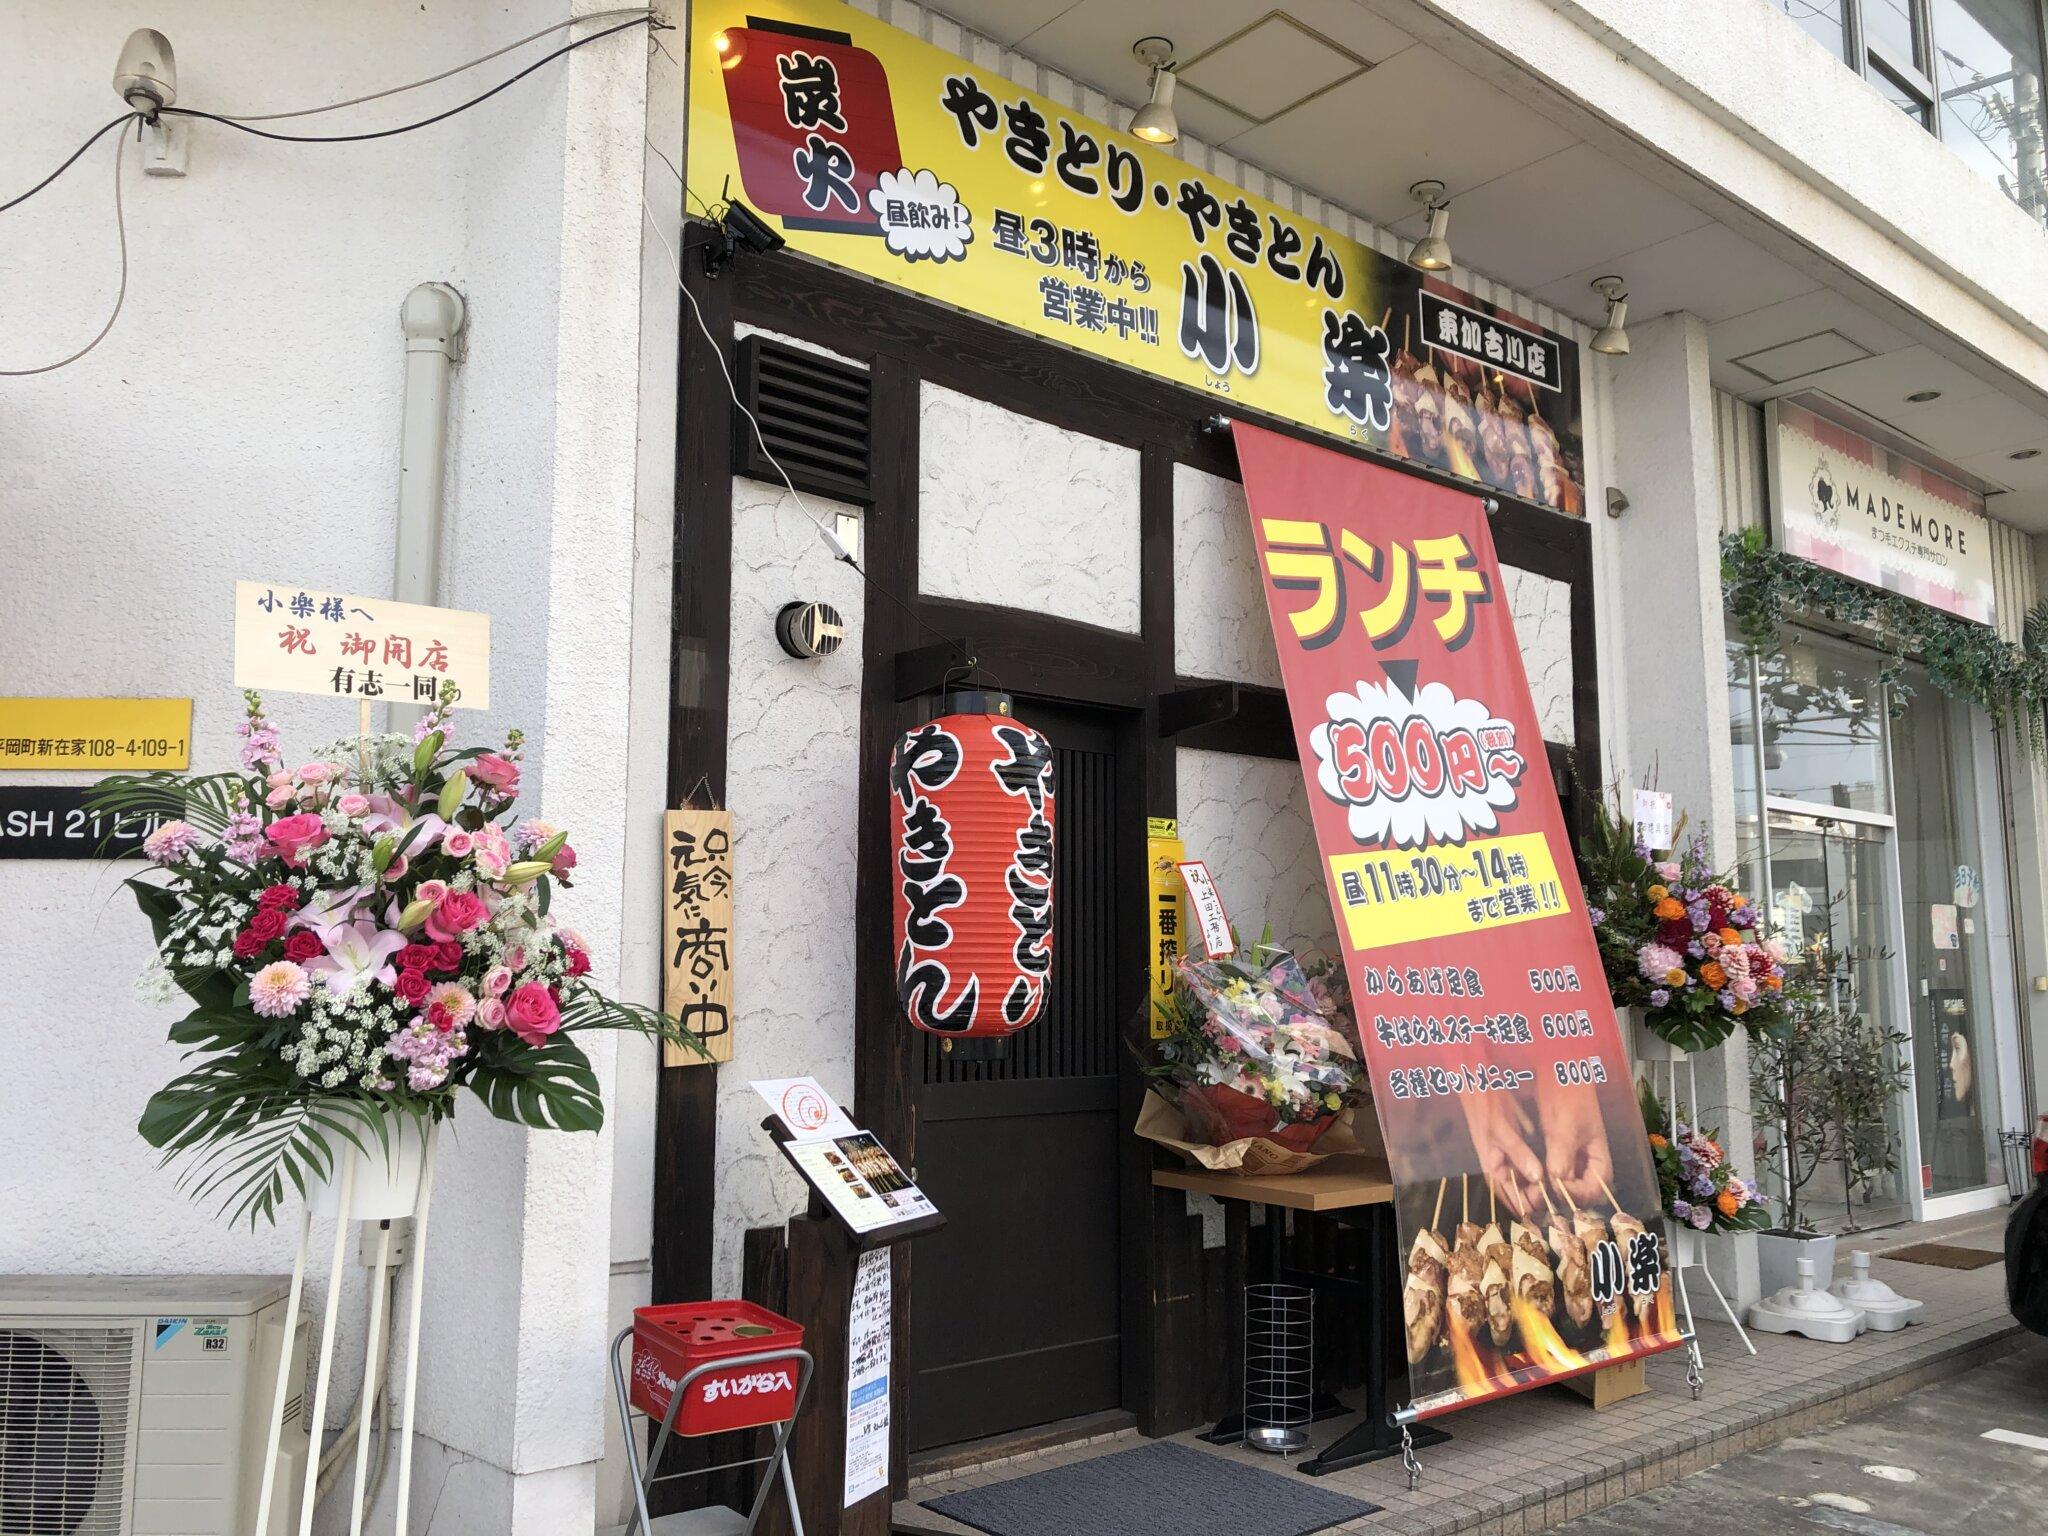 やきとり・やきとん小楽東加古川店オープンの様子